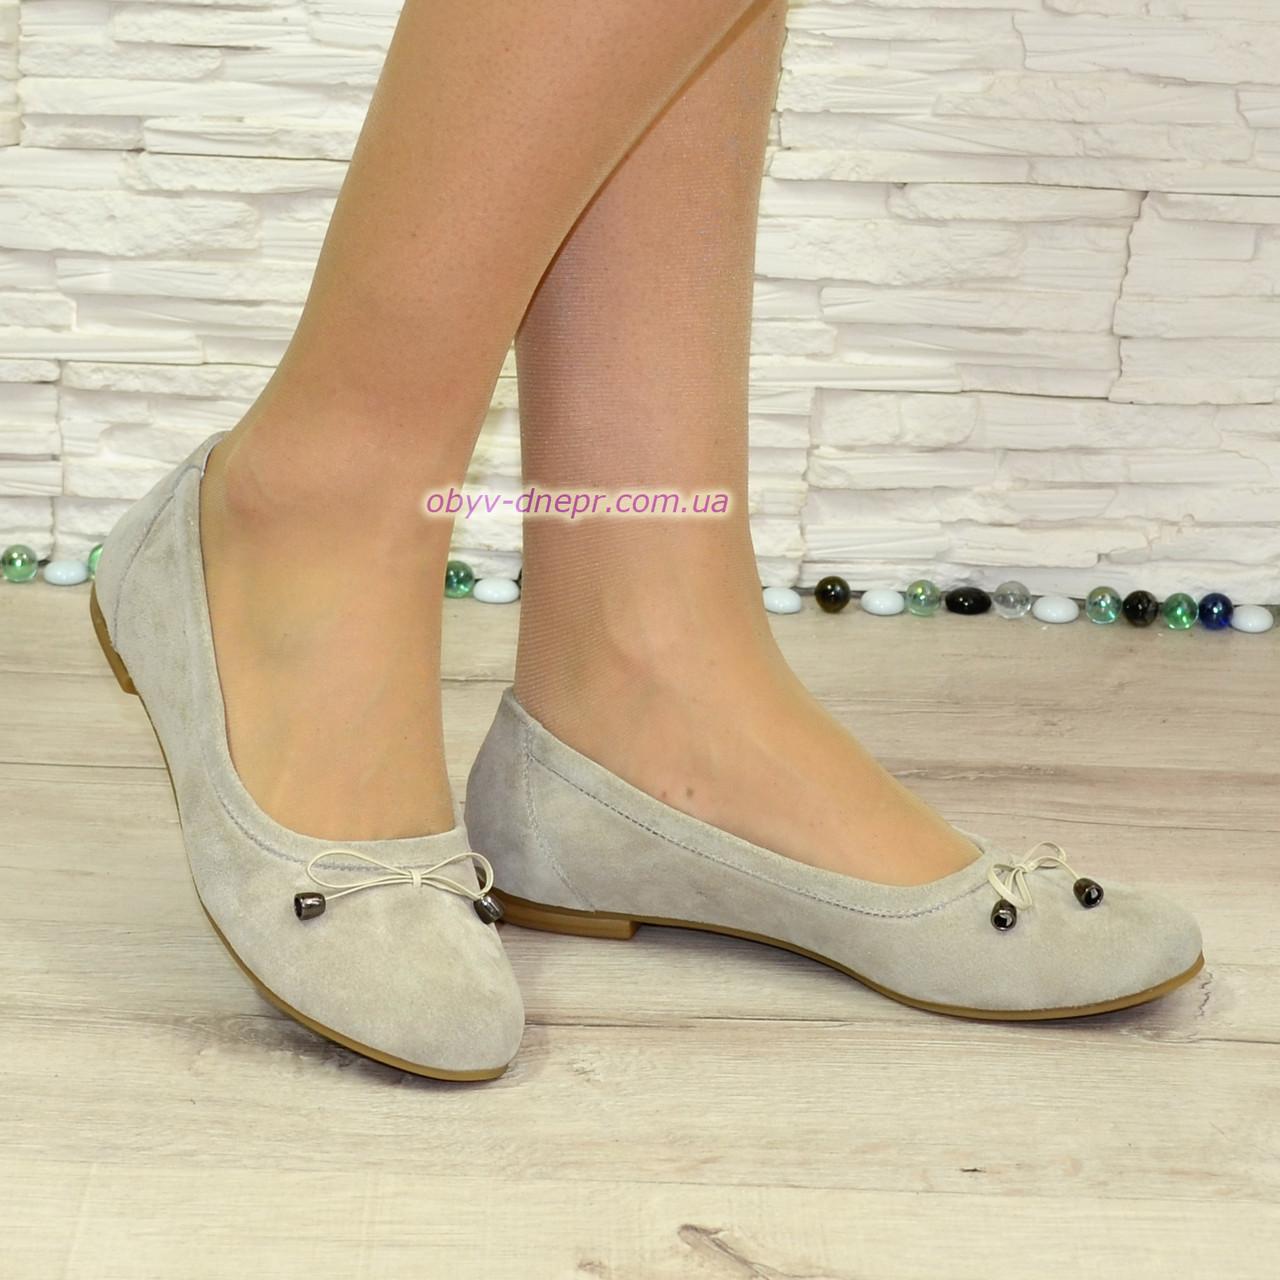 Женские кожаные стильные туфли на низком ходу, цвет бежевый